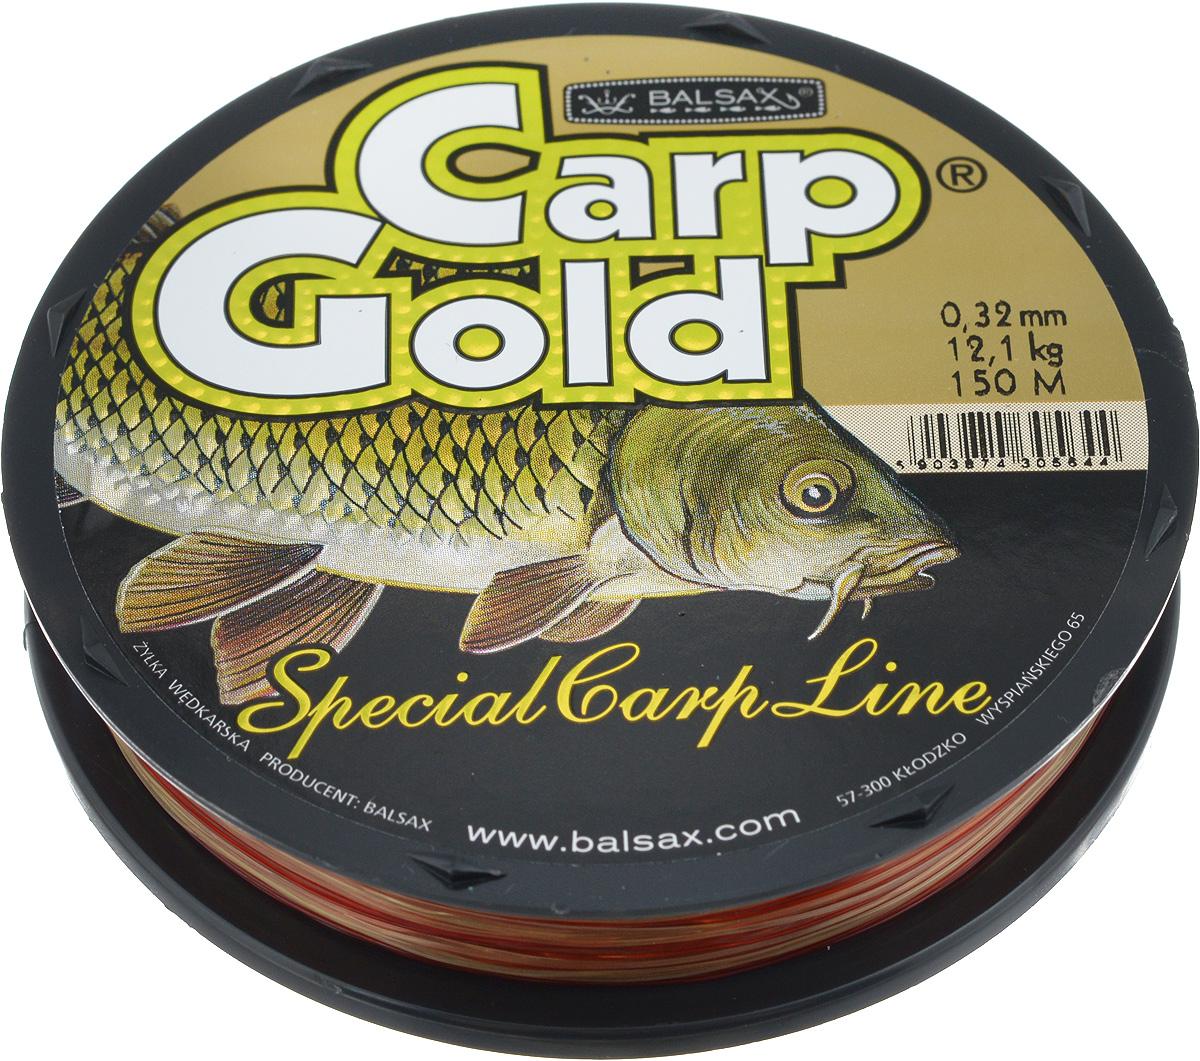 Леска Balsax Gold Carp, 150 м, 0,32 мм, 12,1 кг308-00032Balsax Gold Carp - это чувствительная леска для крупной рыбы. Отличная сопротивляемость разрыву и контролируемая растяжимость. Превосходно выдерживает на узлах максимальное напряжение, связанное с ловлей крупной рыбы. Благодаря точно подобранным цветам - незаменима при ловли карпа. Такая леска не впитывает воду и маловосприимчива к солнечным лучам.